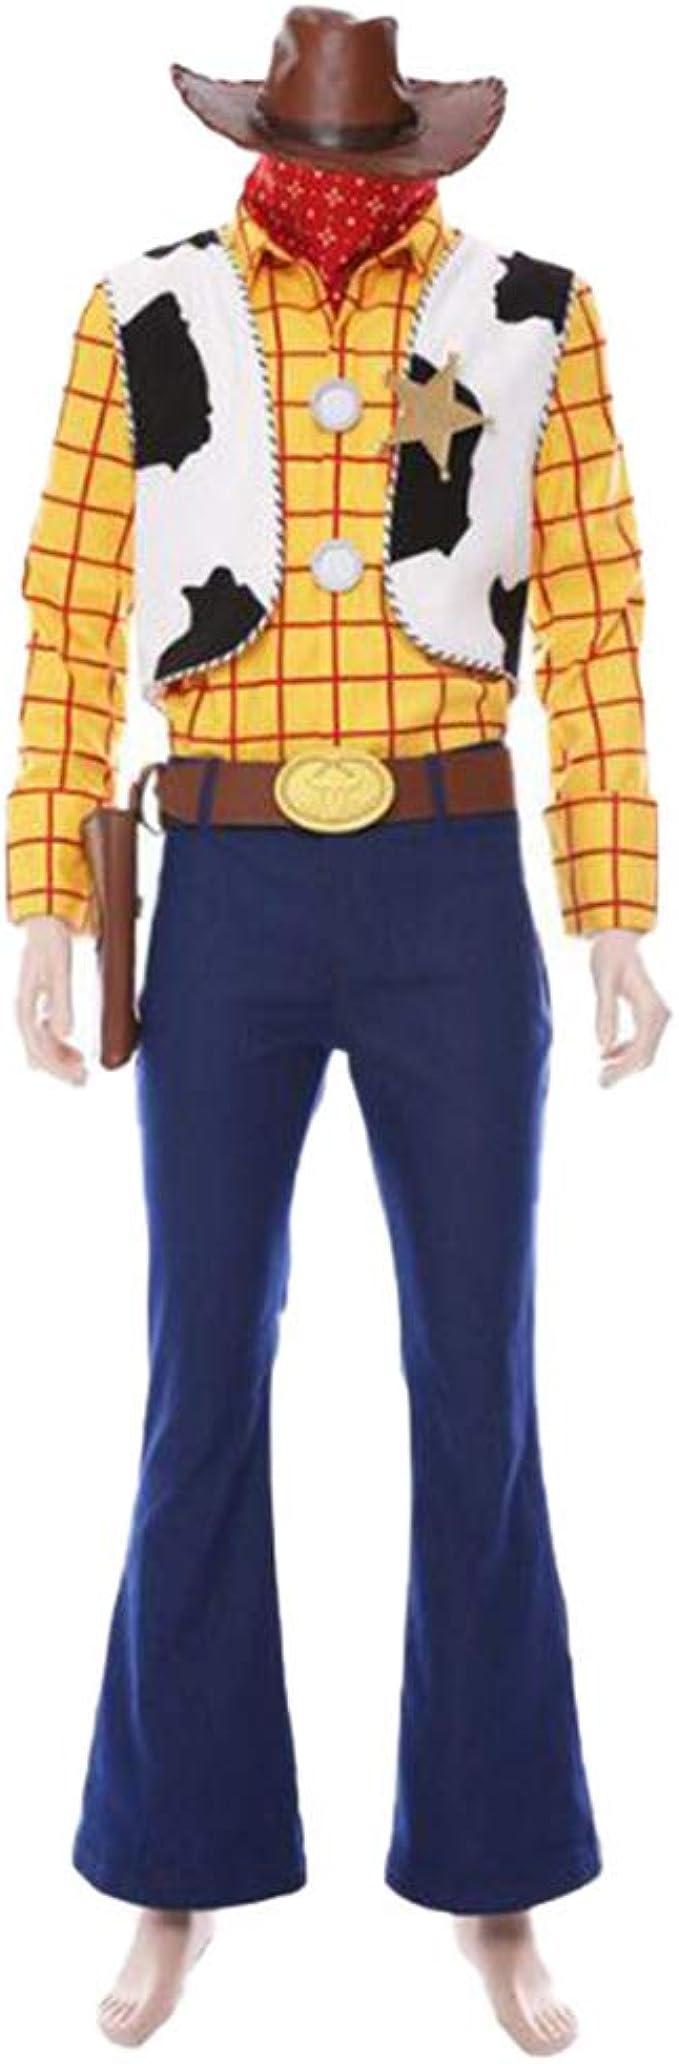 ZXRYF Disfraz De Toy Story Woody Adulto Amarillo, Adecuado Para ...